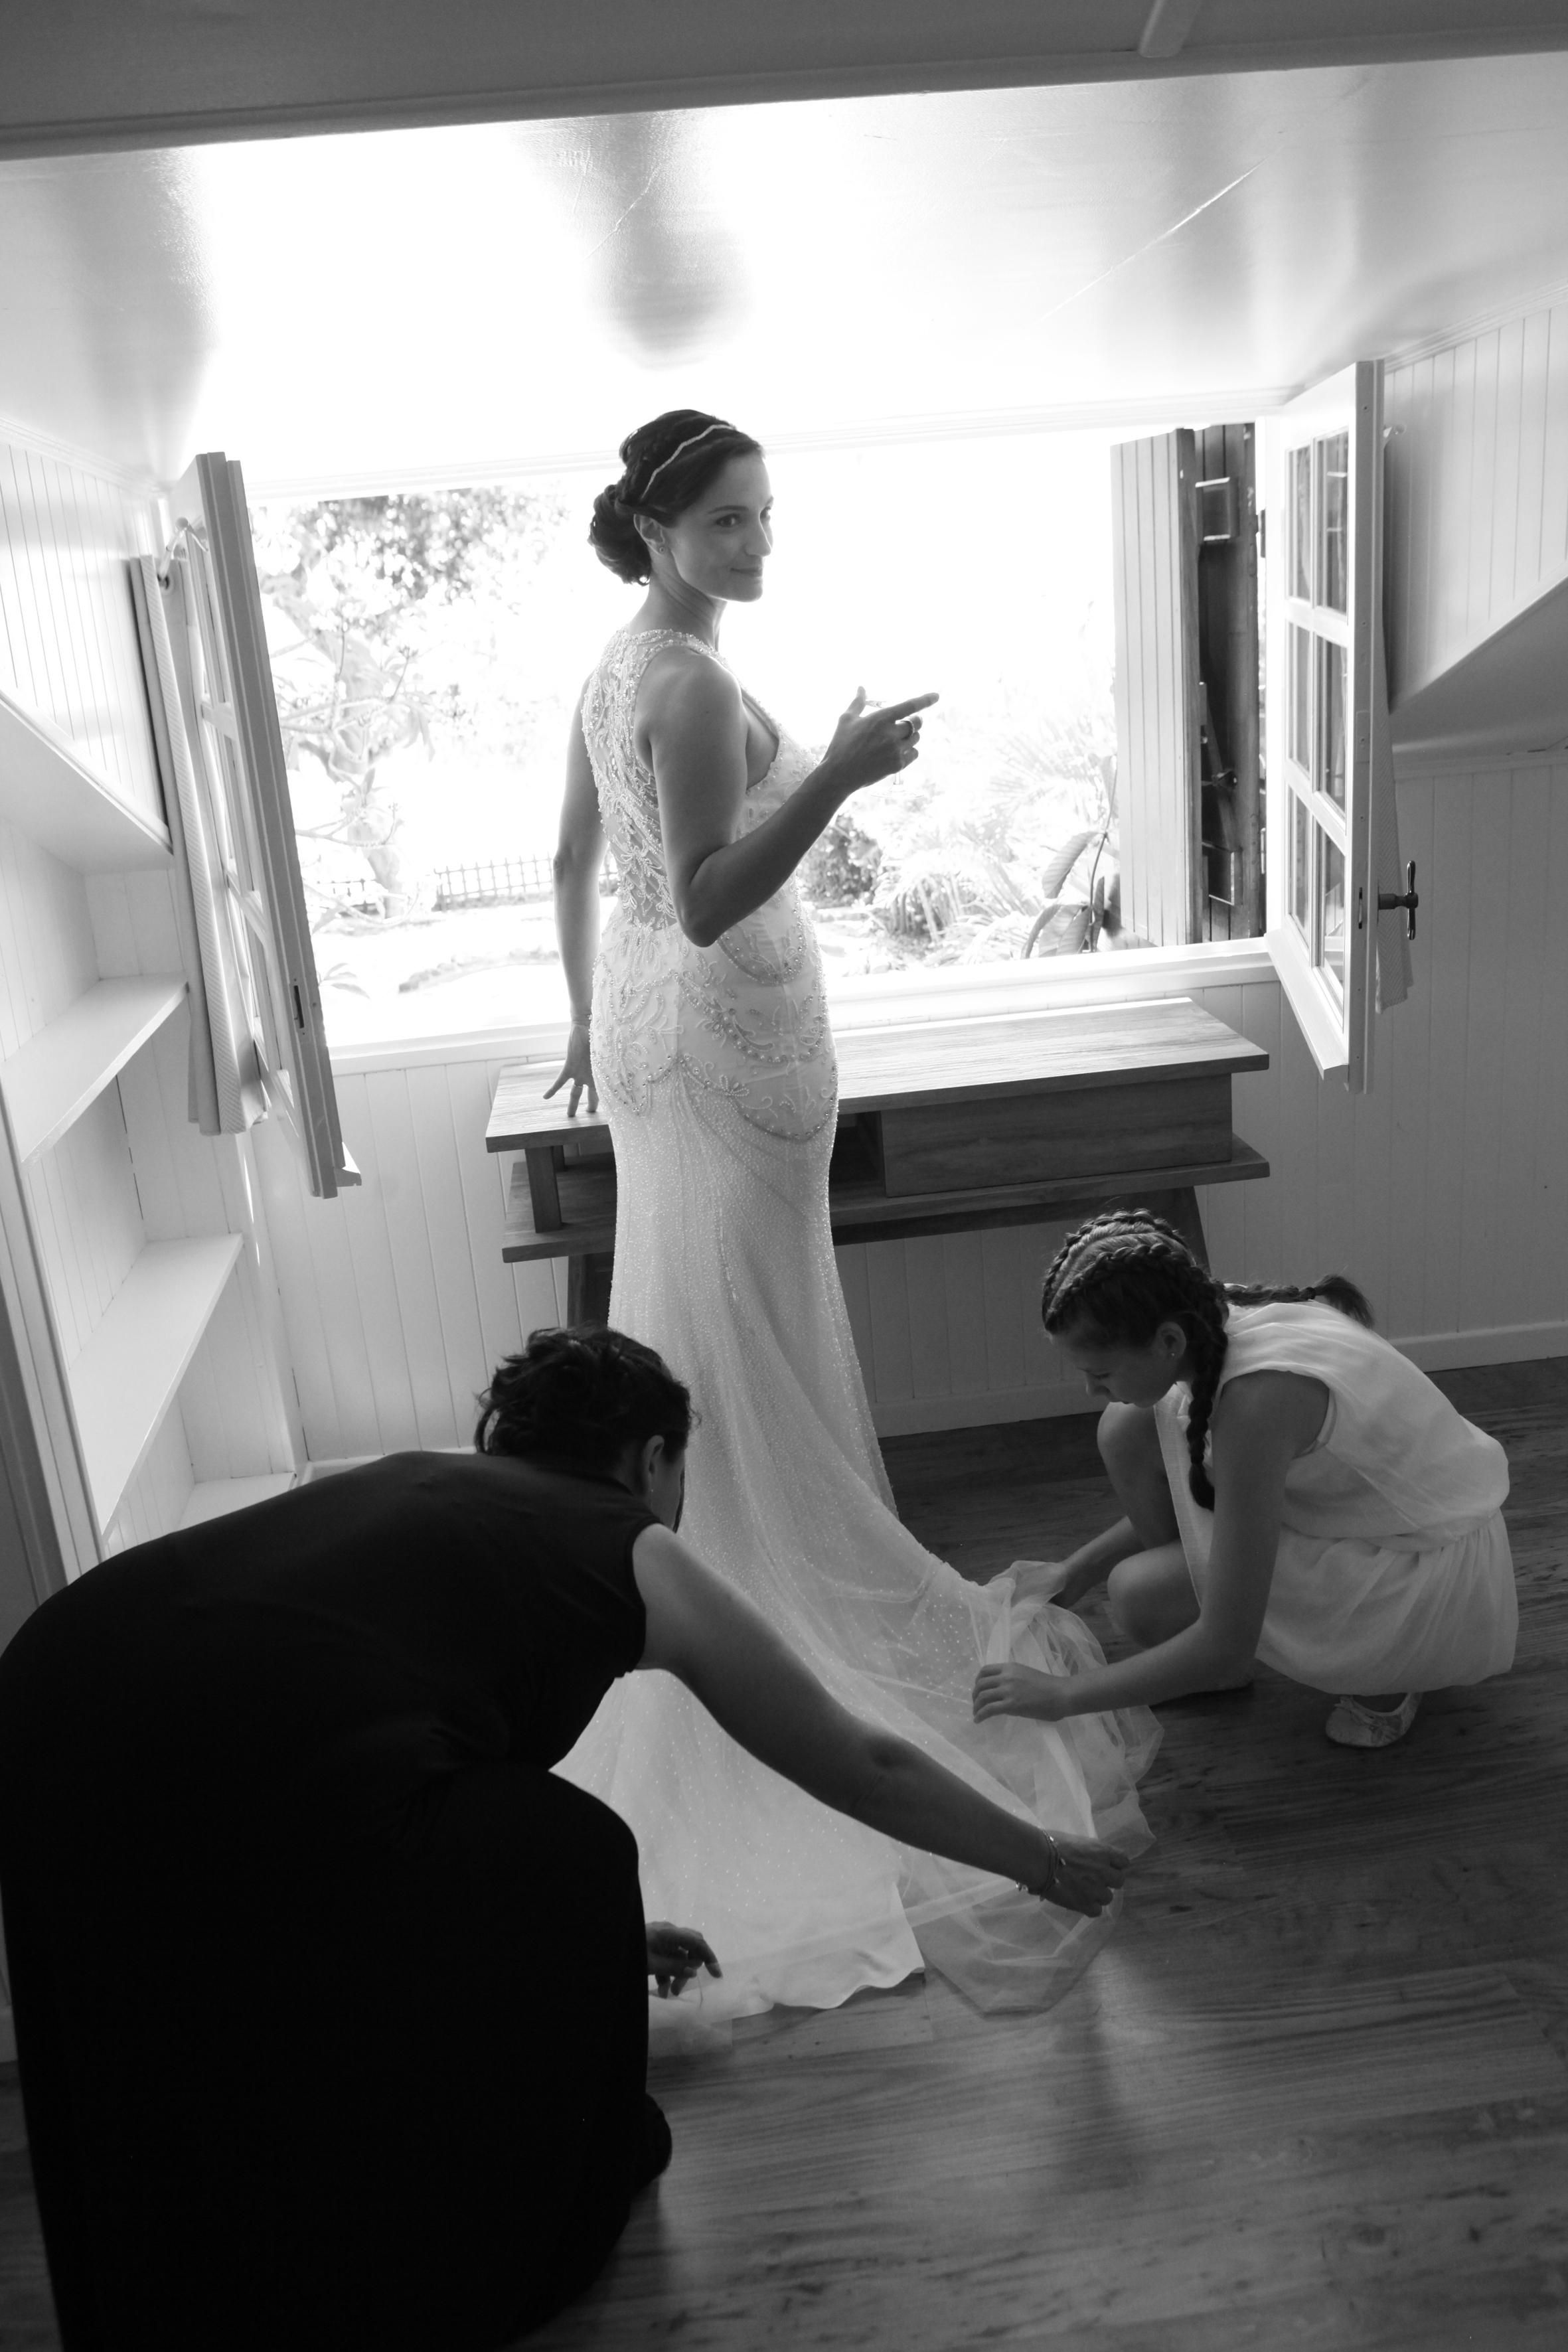 """""""Le jourJ"""" - Telle une princesse, la mariée s'est fait aider de ses petits oiseaux pour se préparer. Un beau moment de complicité qui restera gravé à jamais."""